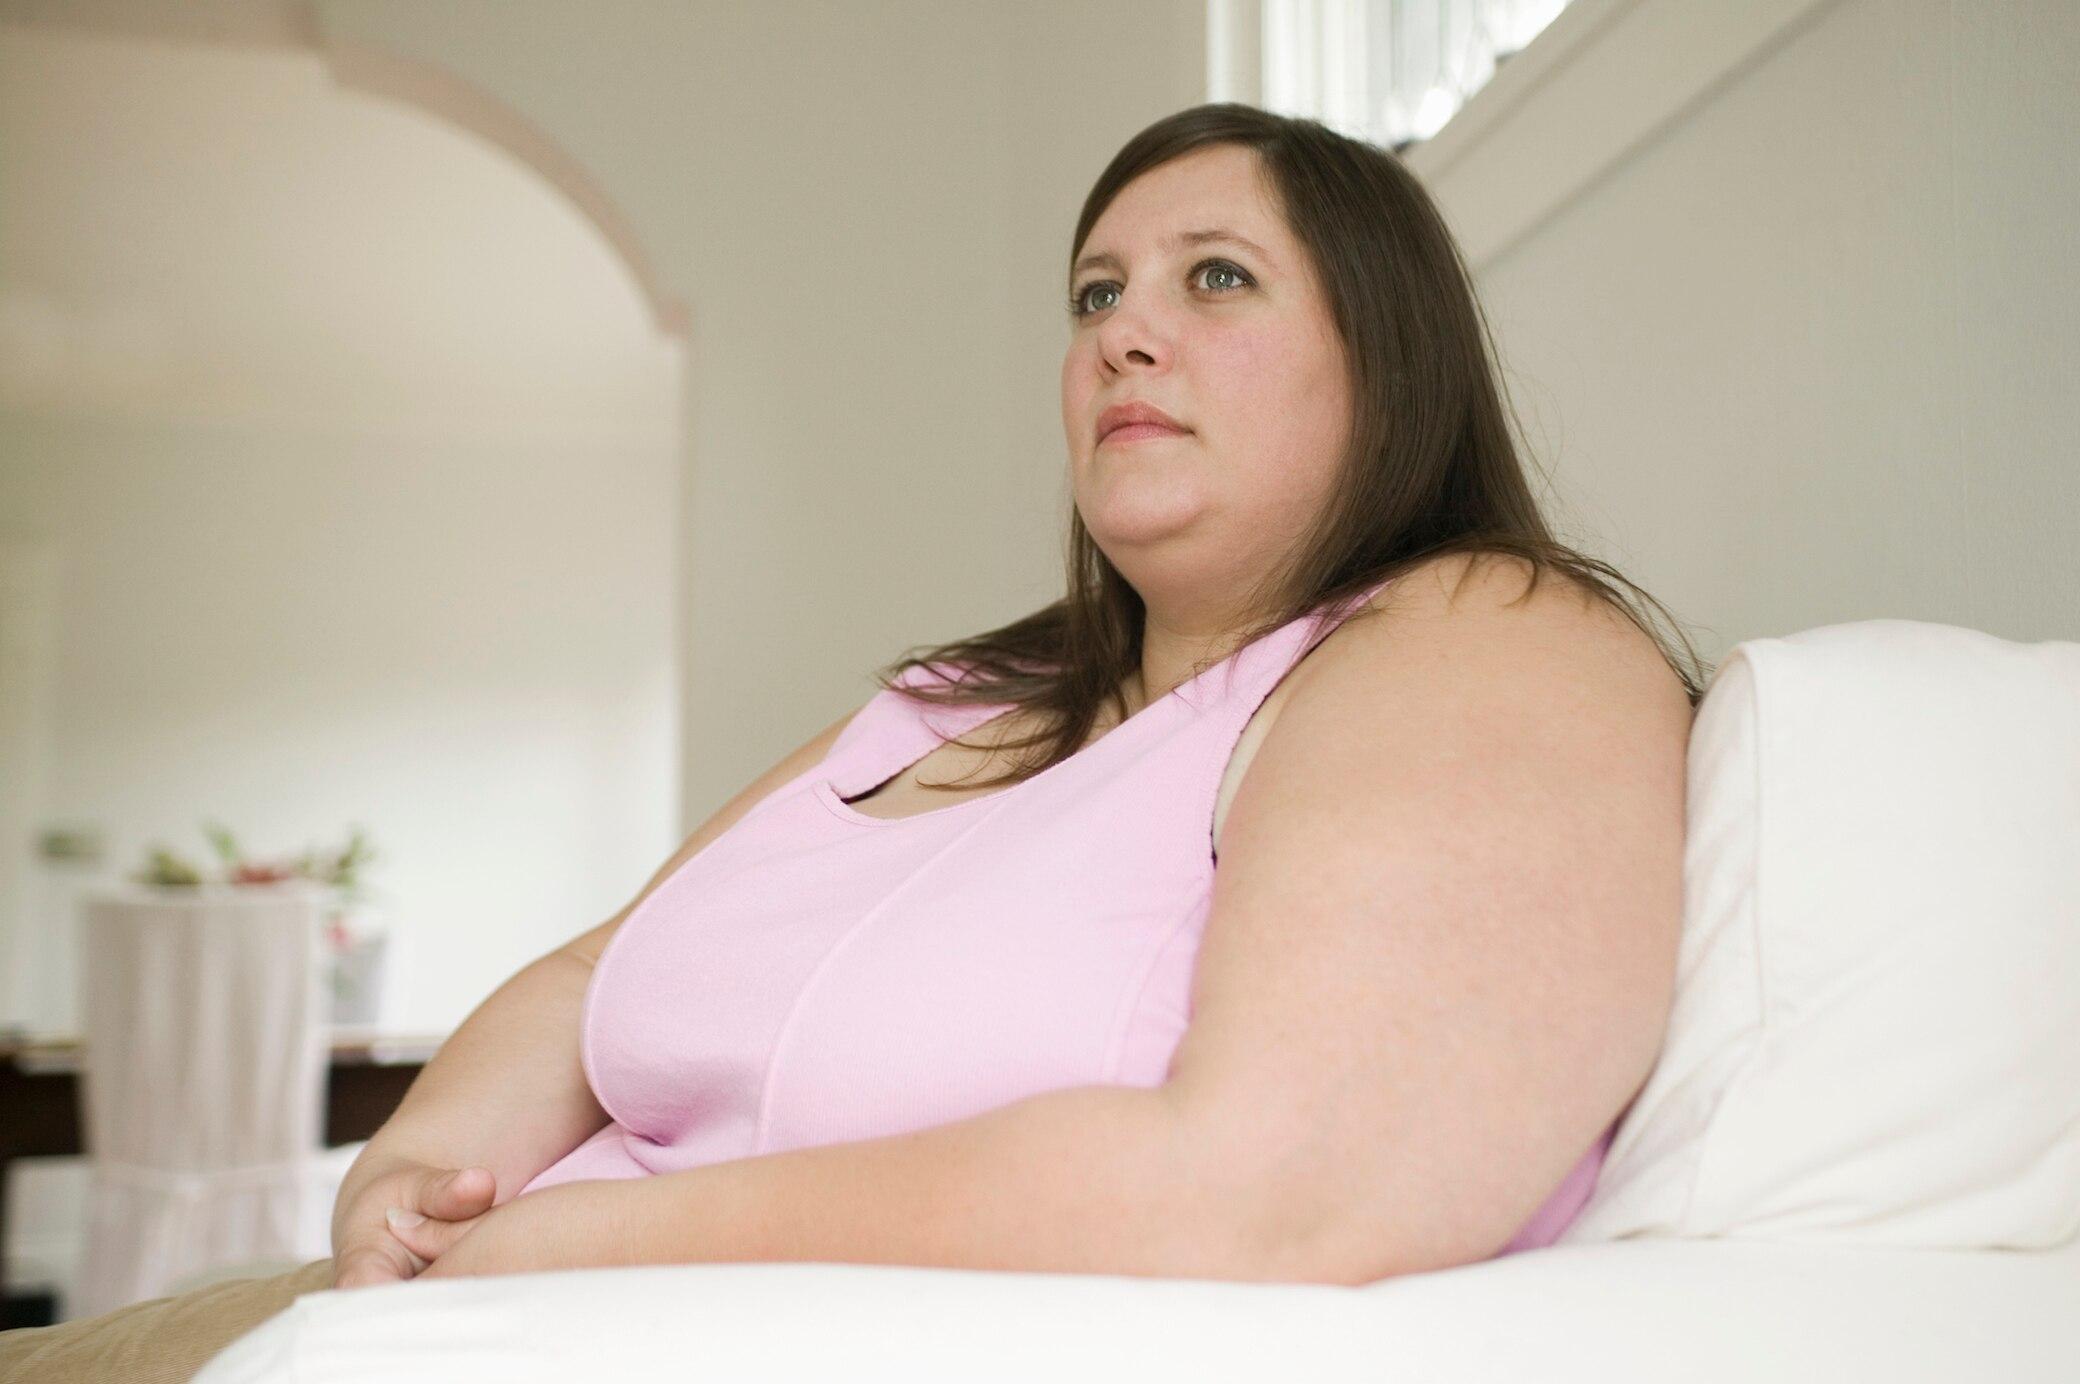 Medikament zum Abnehmen: Semaglutid beeindruckt in Studie